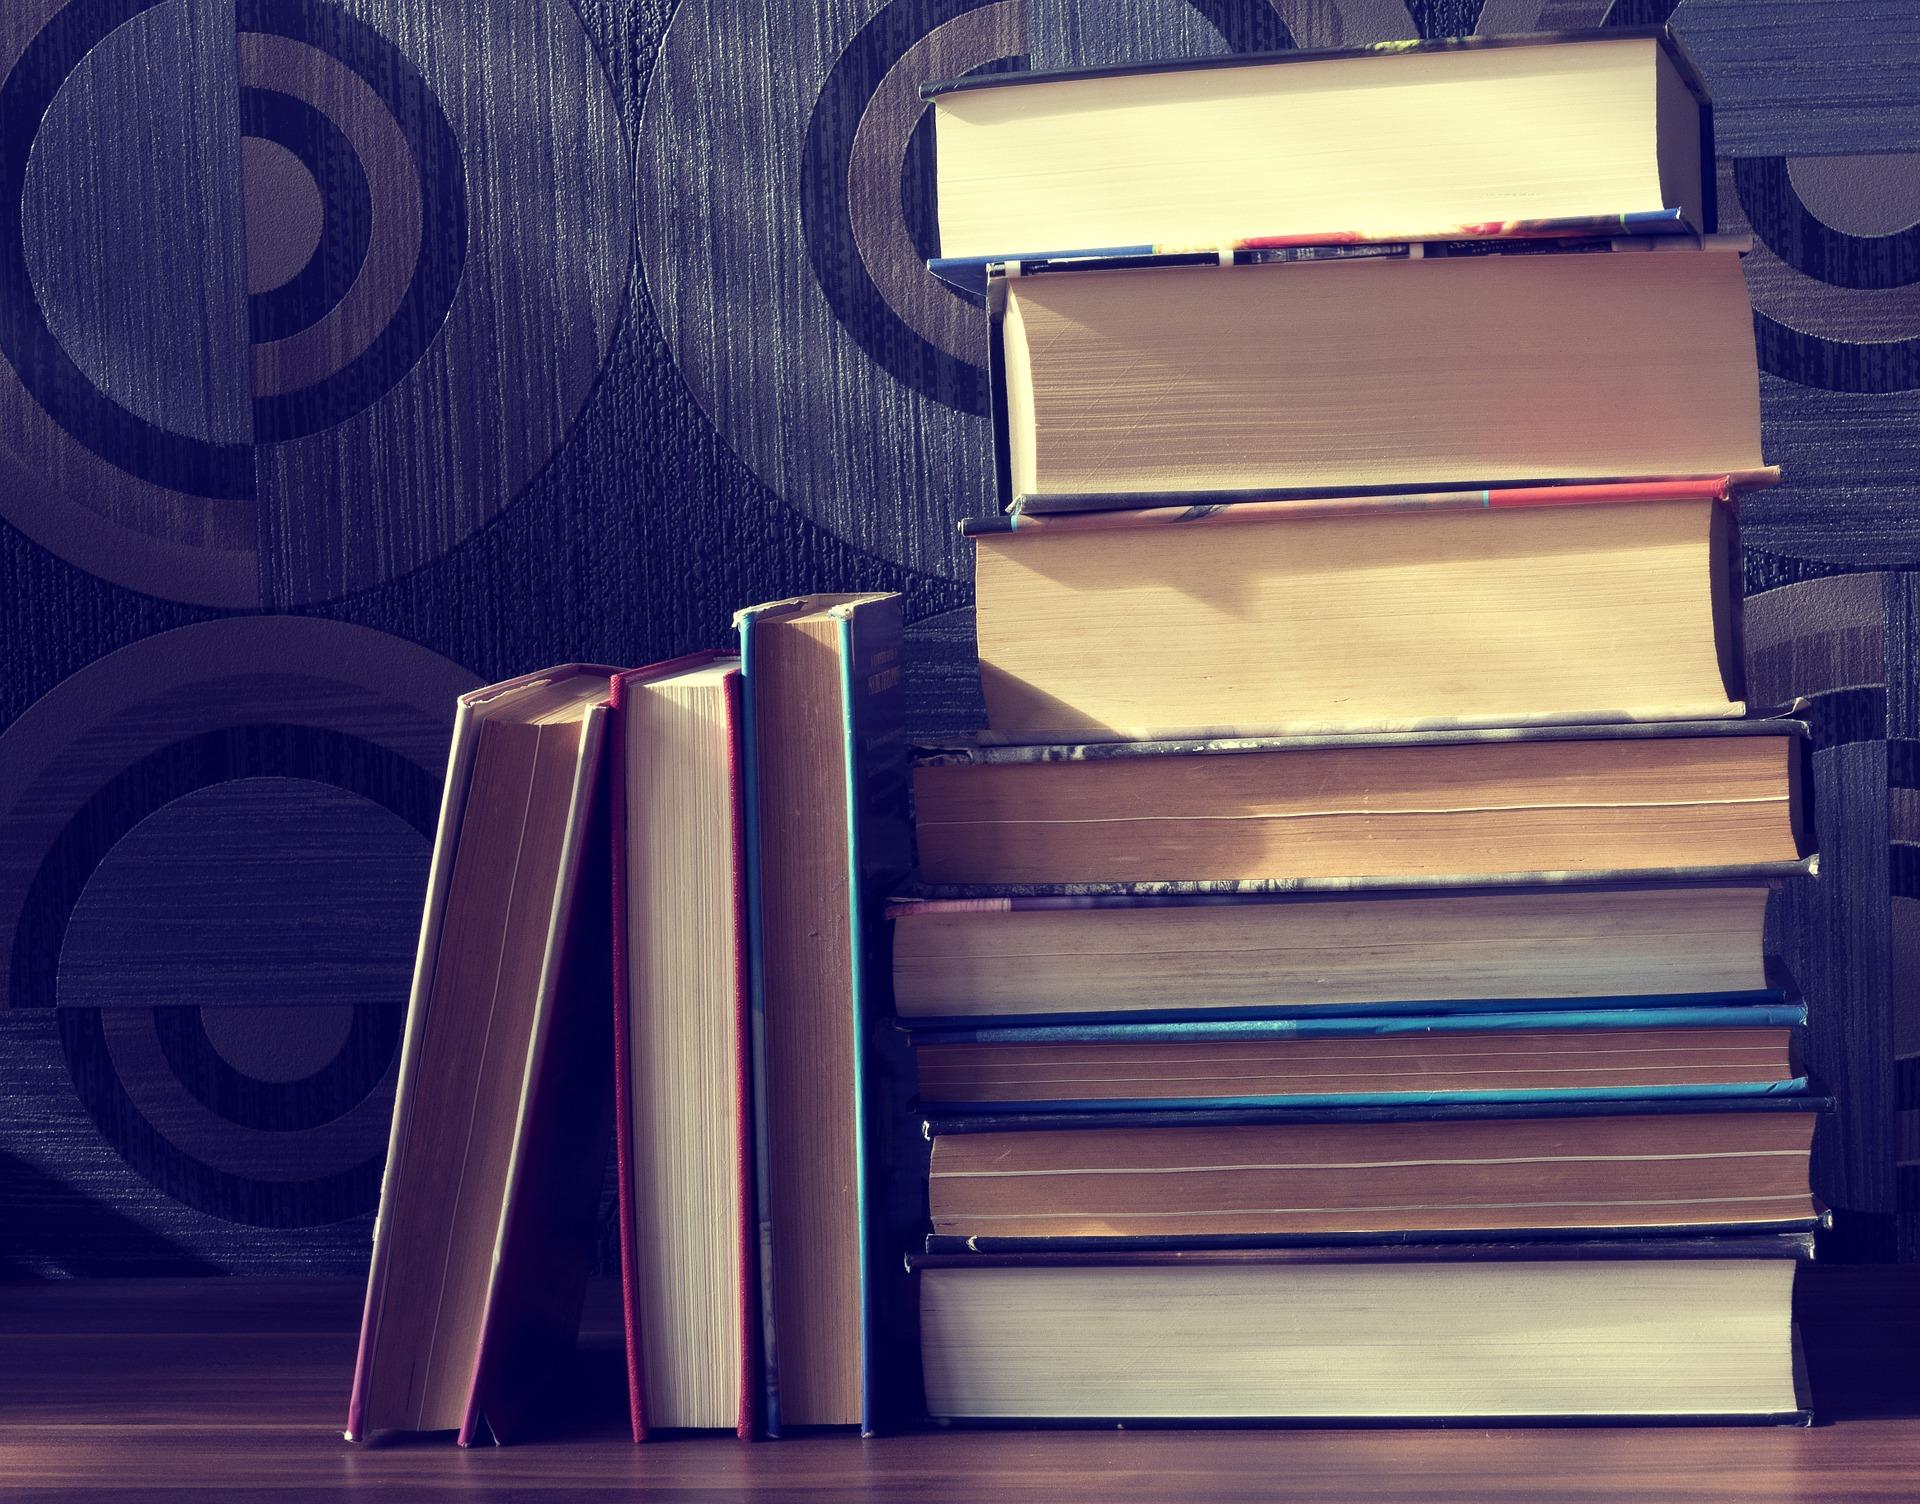 books-1224757_1920.jpg